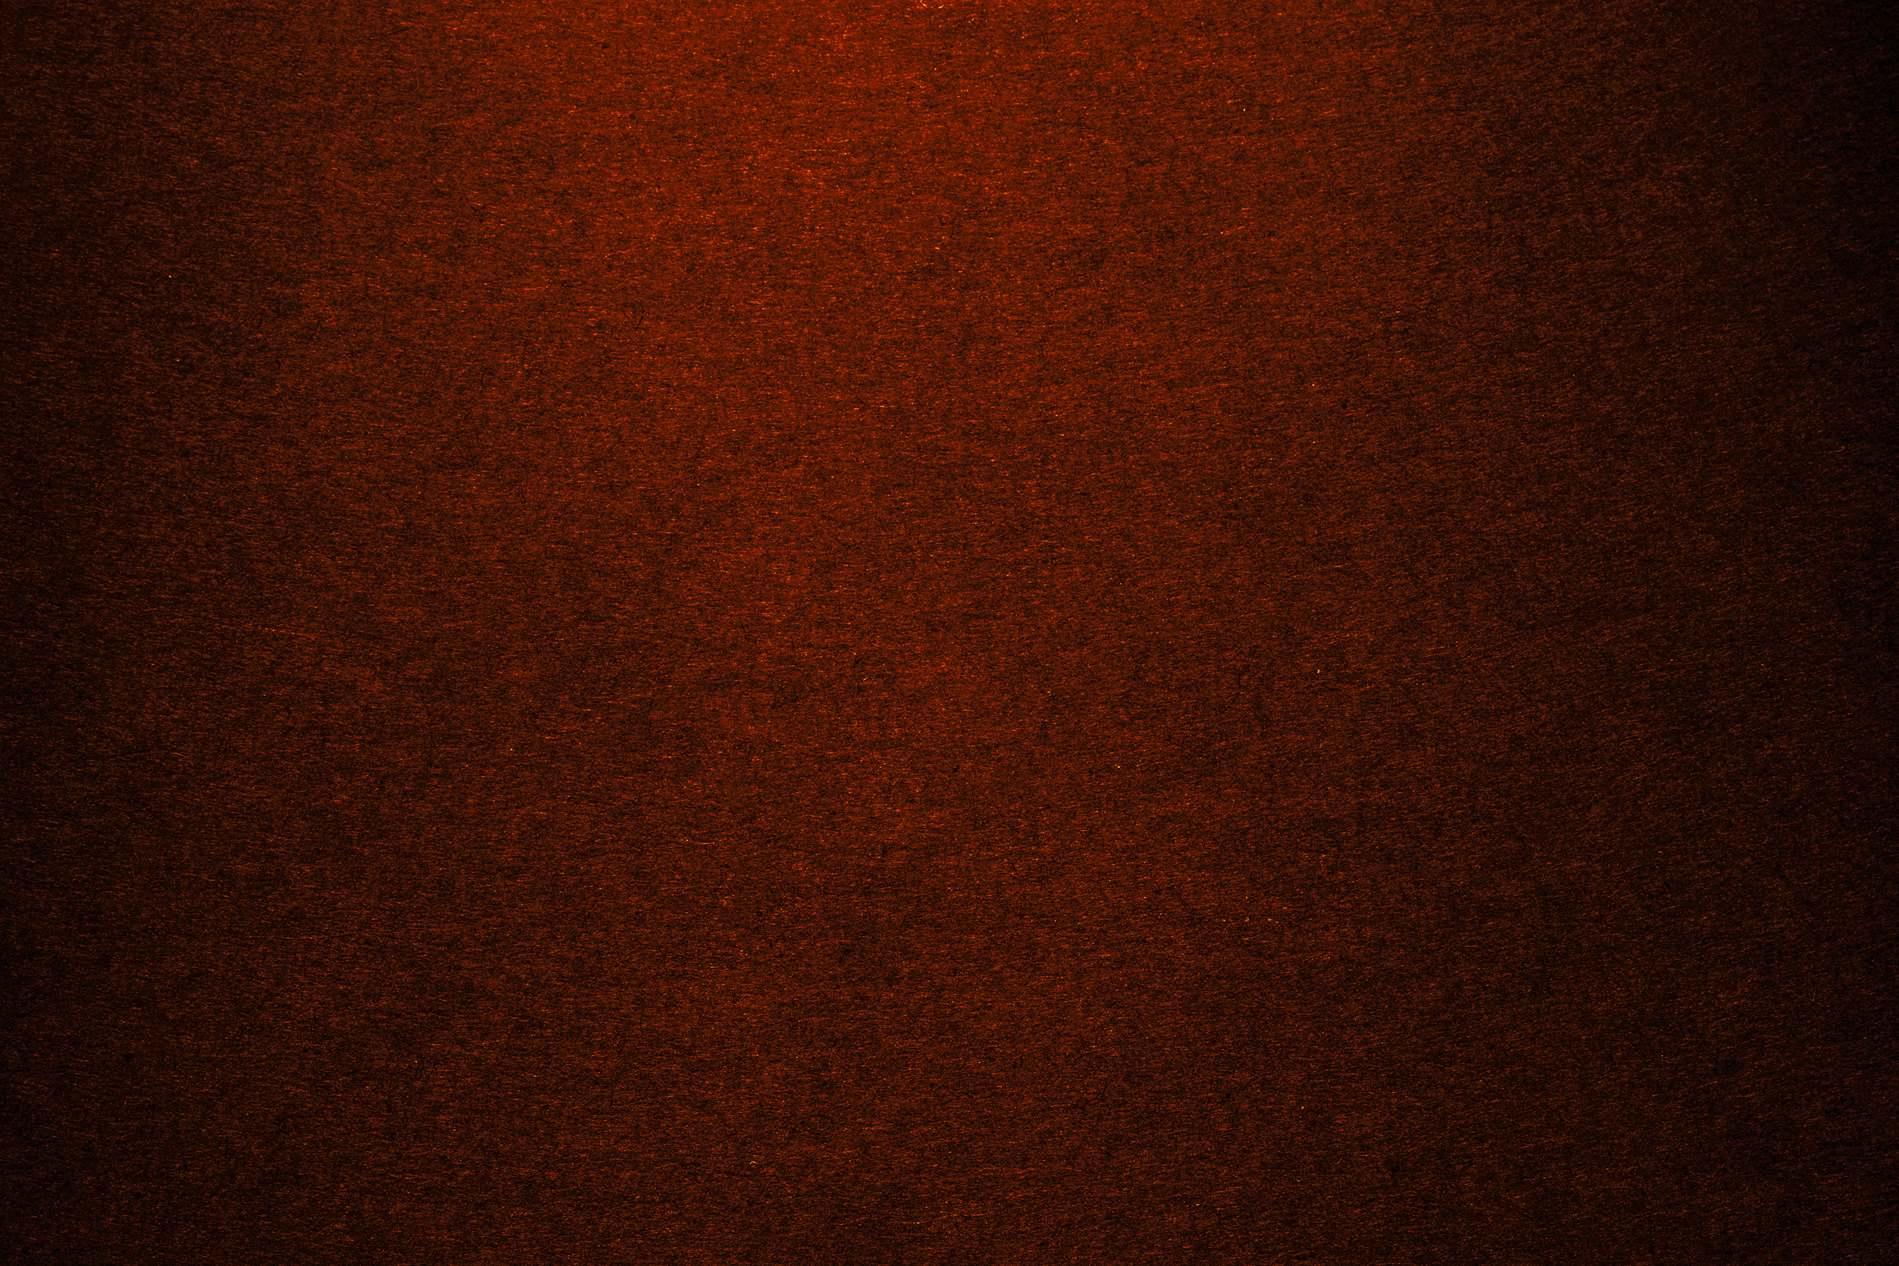 Vintage Clean Dark Brown Texture Background   PhotoHDX 1899x1266